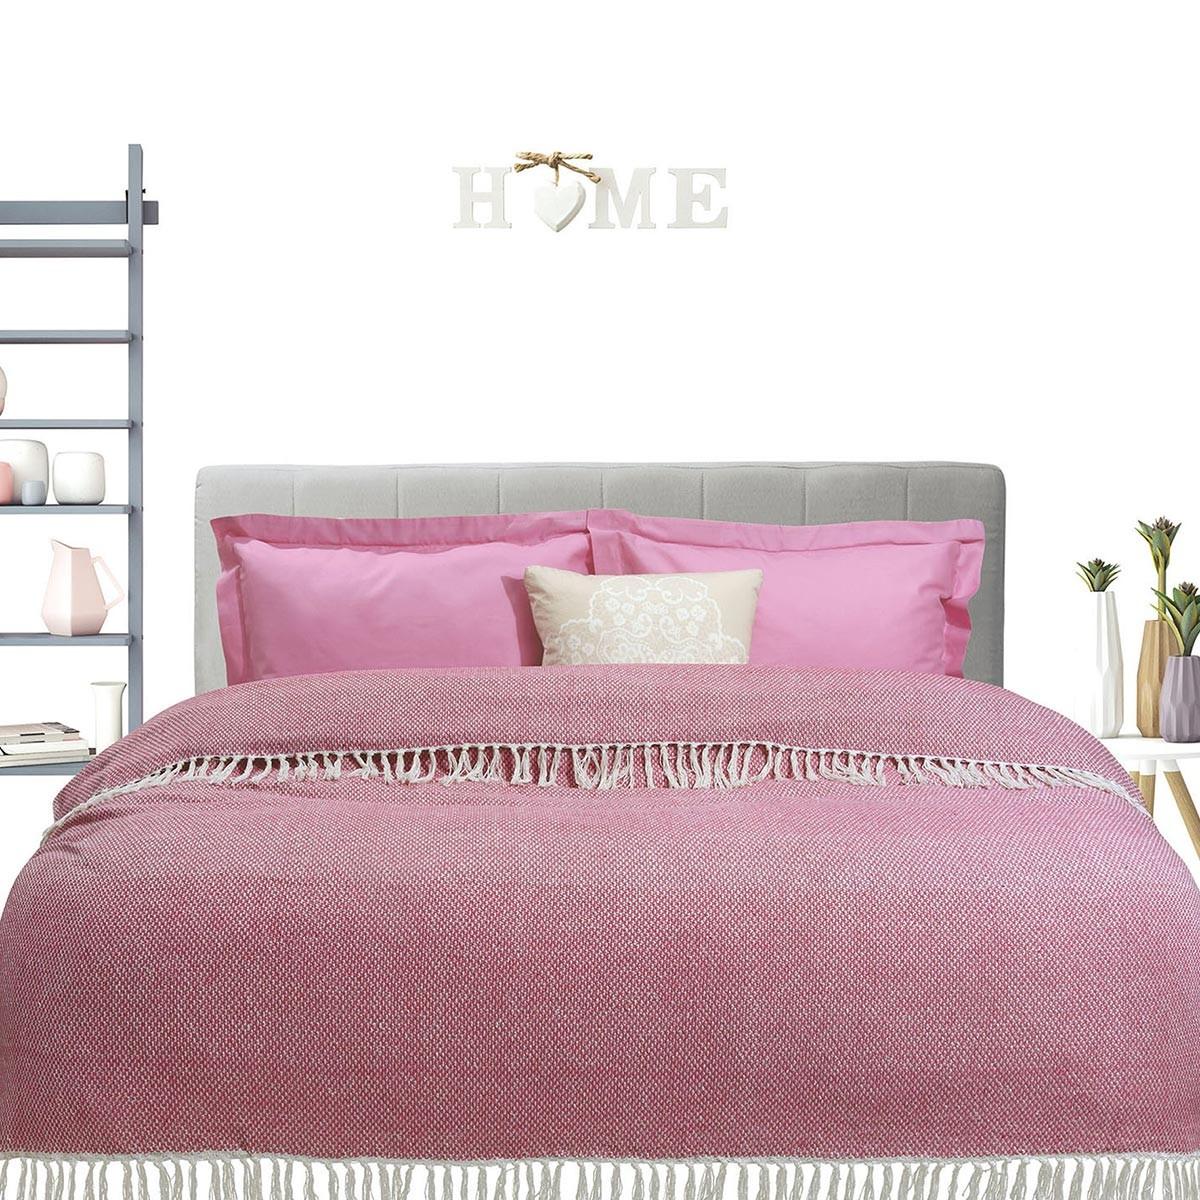 Κουβερτόριο Υπέρδιπλο Das Home Blanket Line Jacquard 387